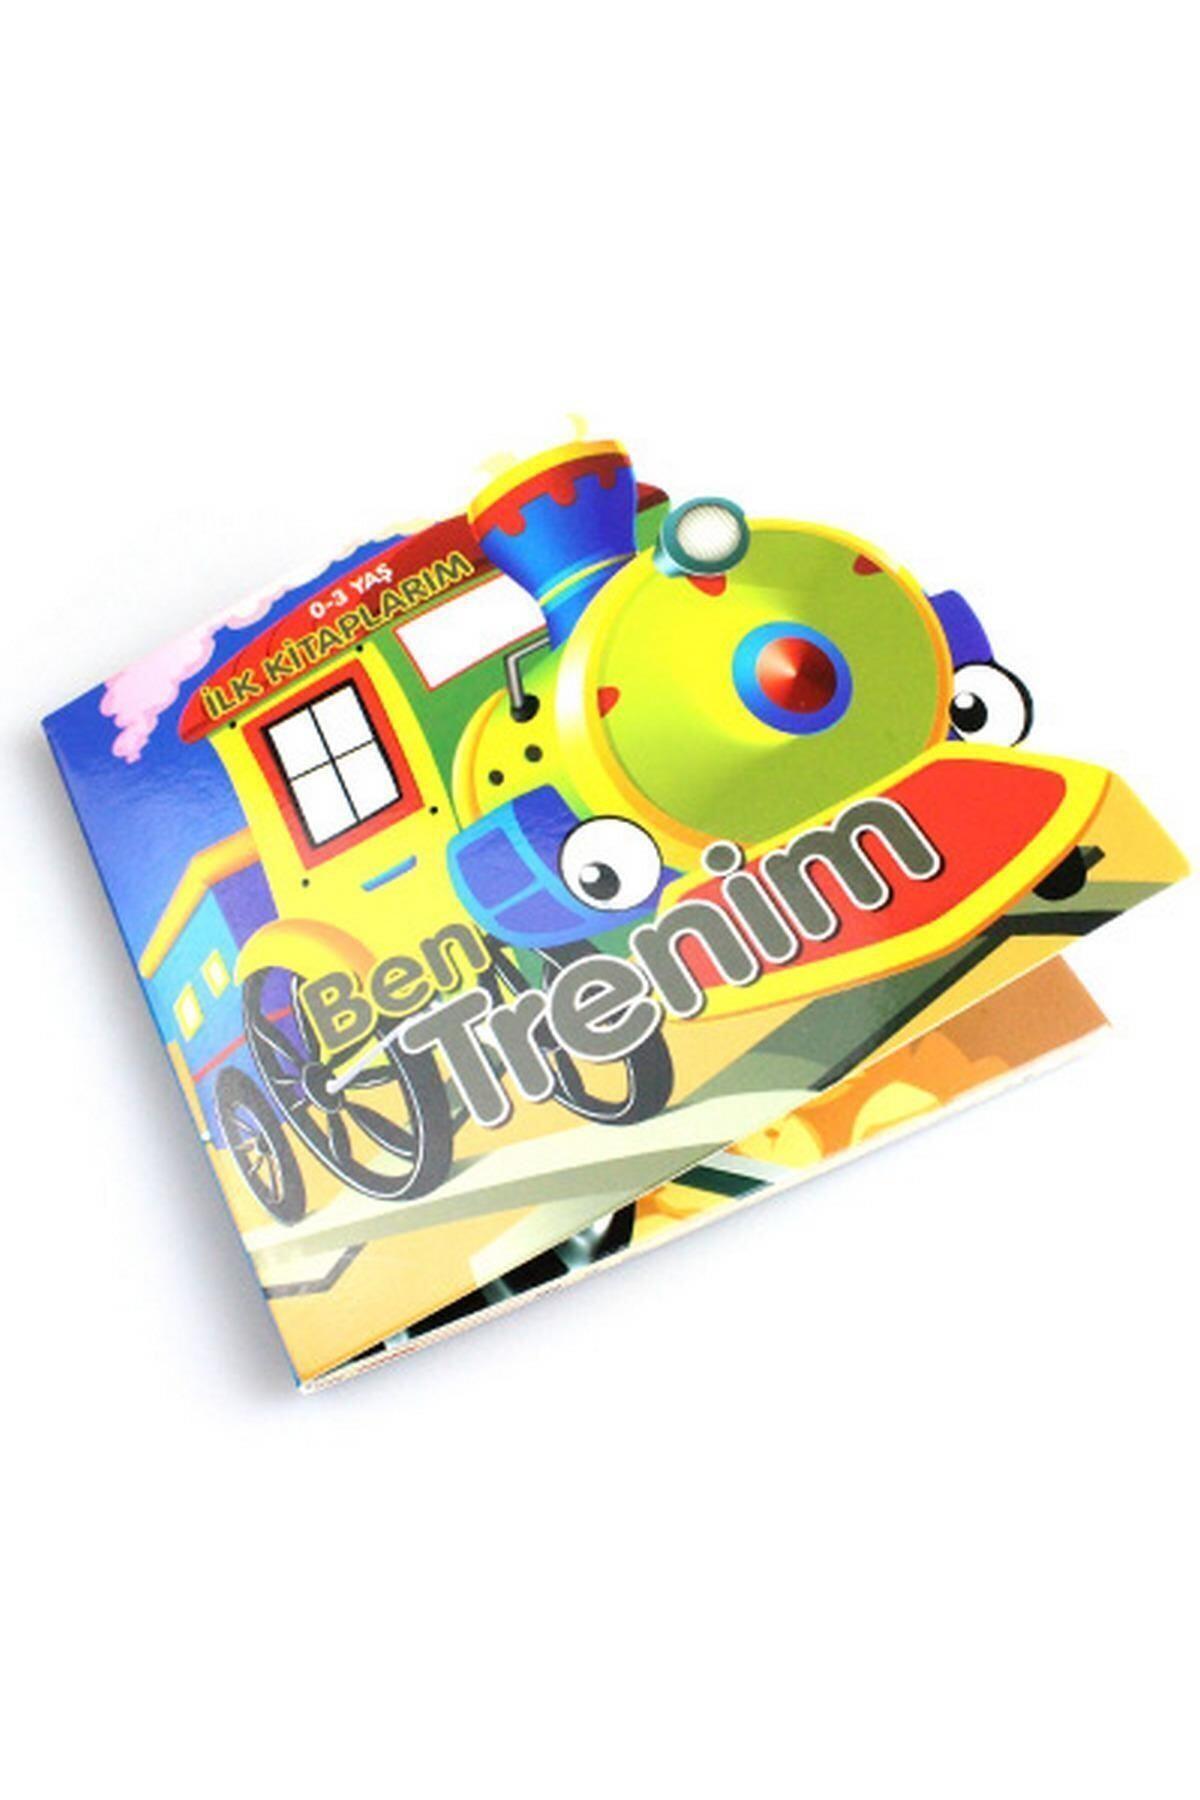 Çocuk Gezegeni Ben Trenim - İlk Kitaplarım 0-3 Yaş 1